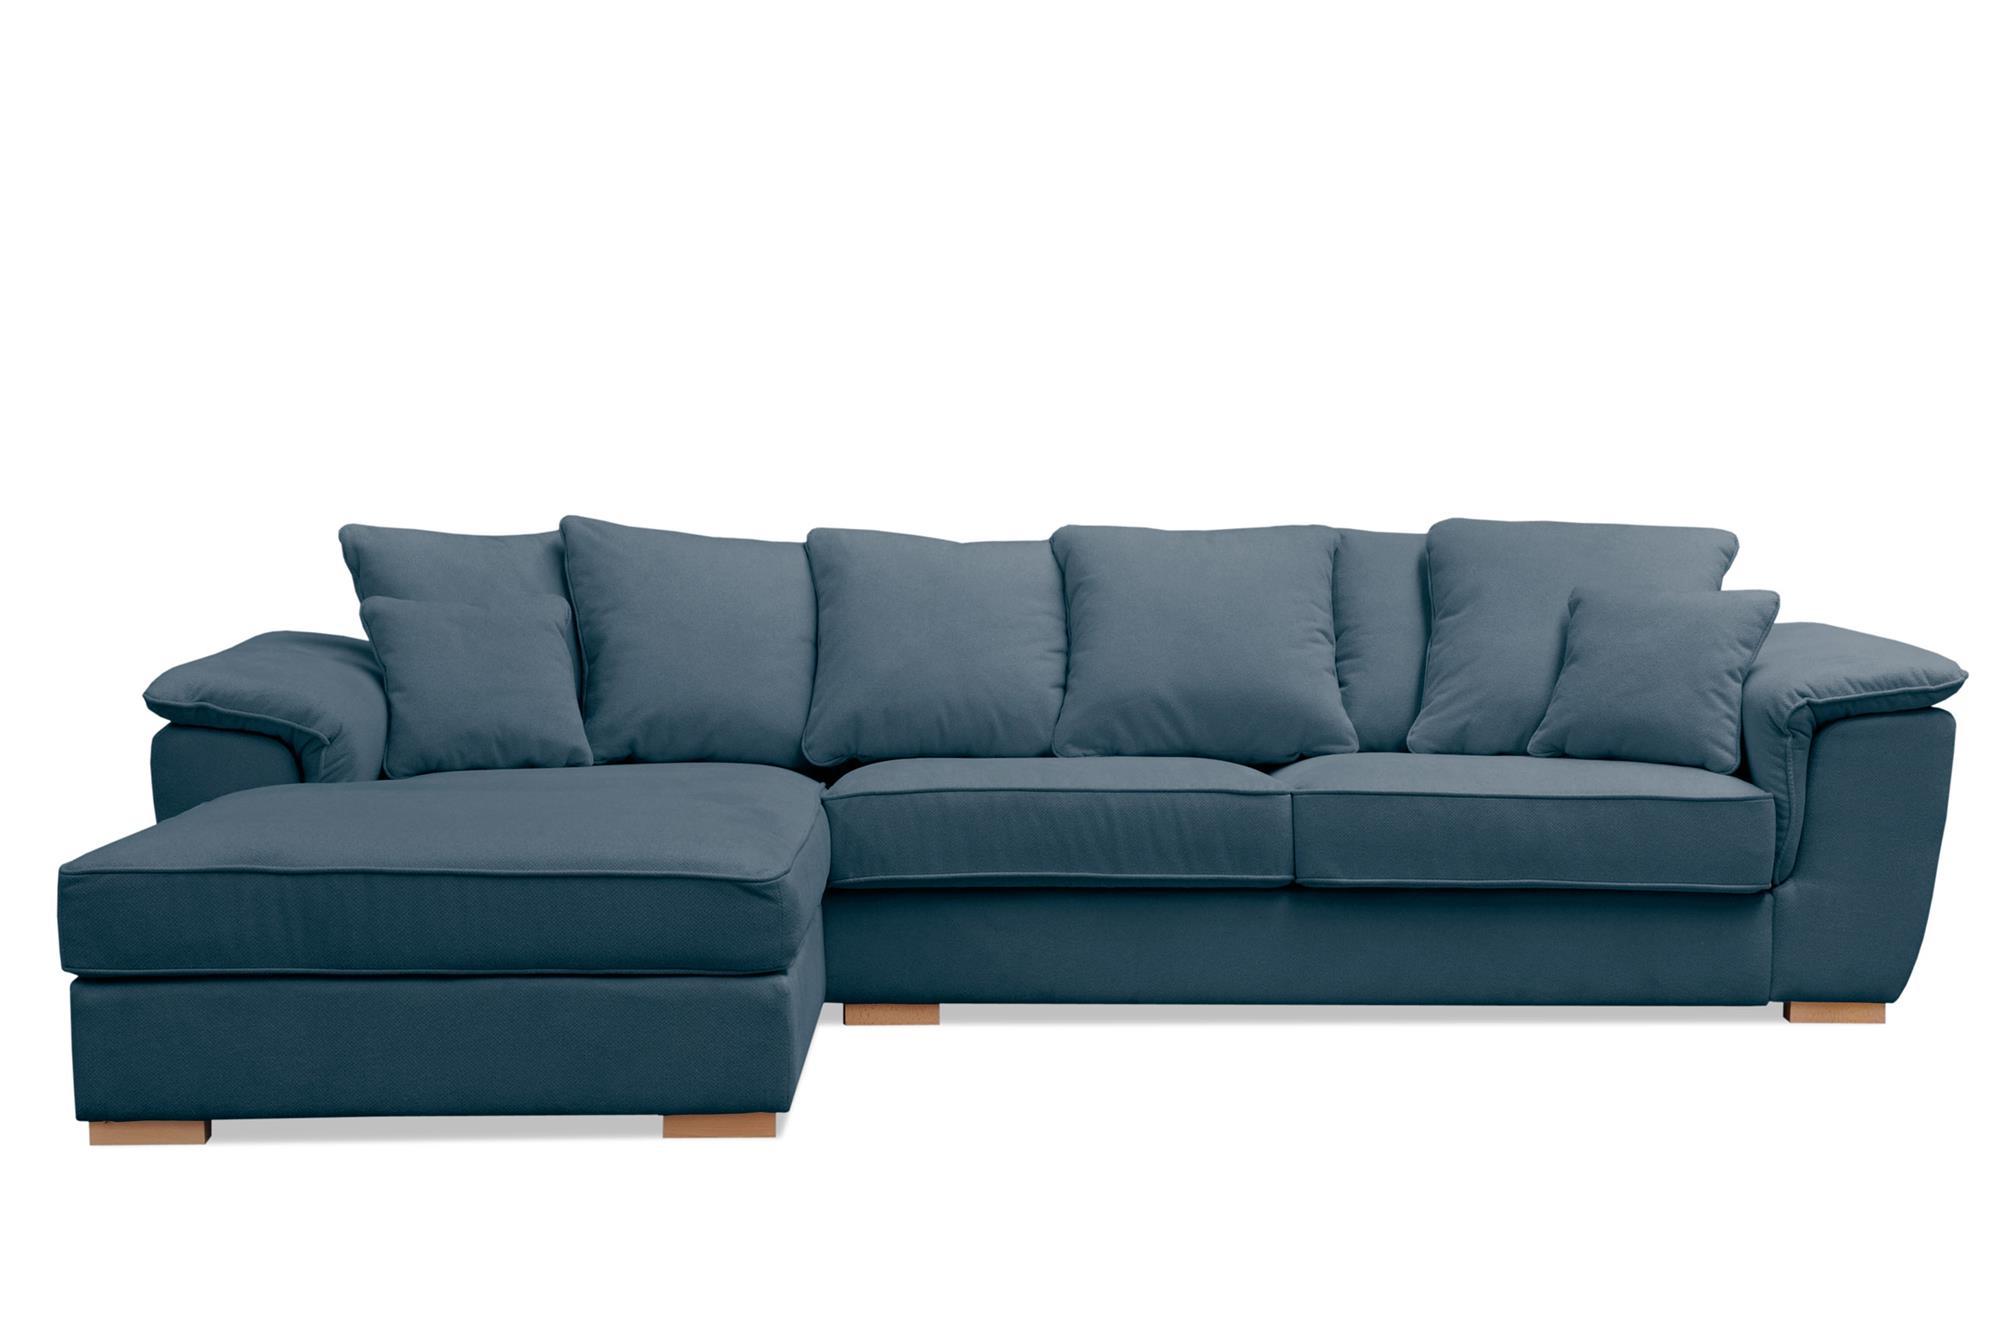 Sofas Modulares Conforama X8d1 15 sofà S Modulares Para Caer Rendido